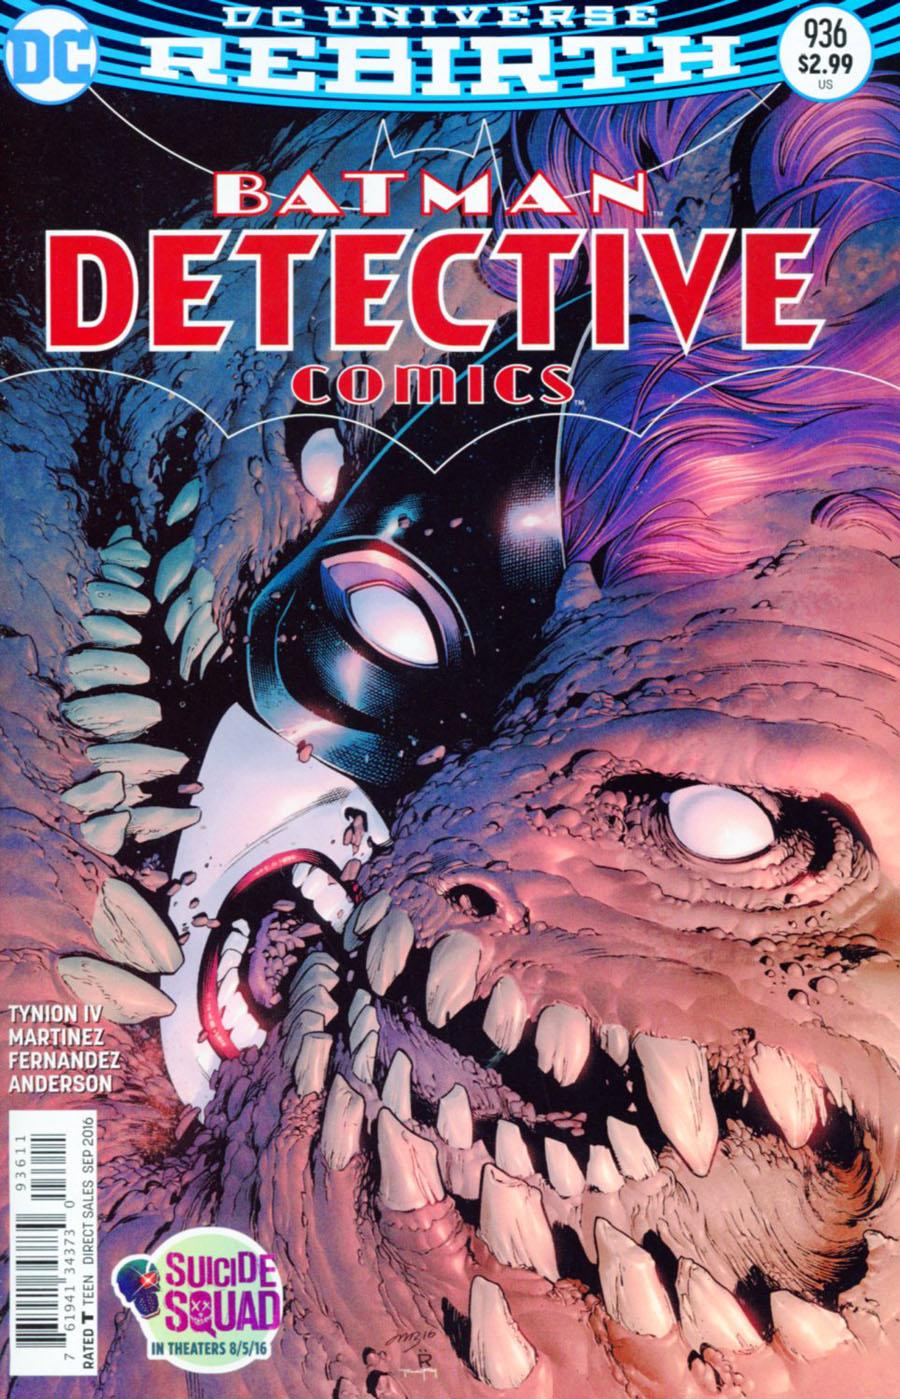 Detective Comics Vol 2 #936 Cover A Regular Eddy Barrows Cover